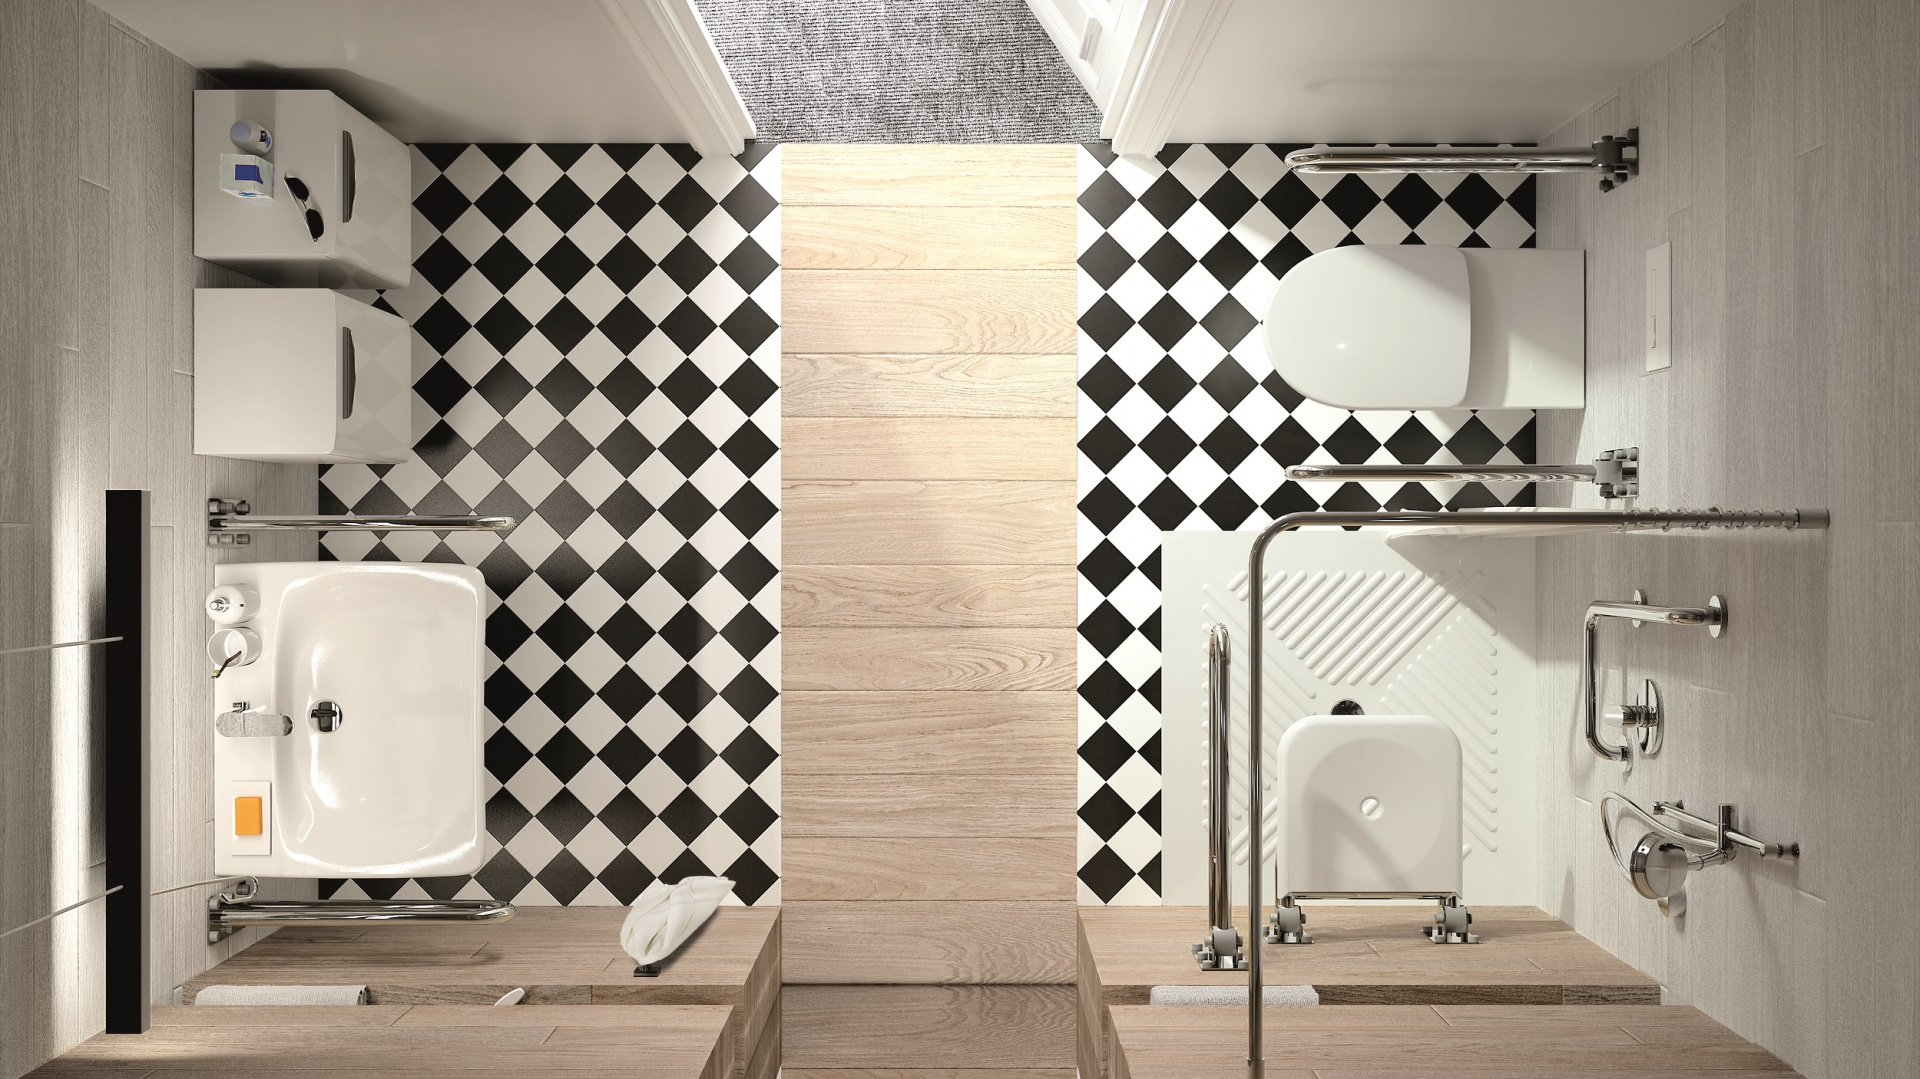 Płaski brodzik i zasłona sprawiają, że łazienka wydaje się większa i jest wygodniejsza dla osób niepełnosprawnych – seria Nova Pro Bez Barier marki Koło. Fot. Koło